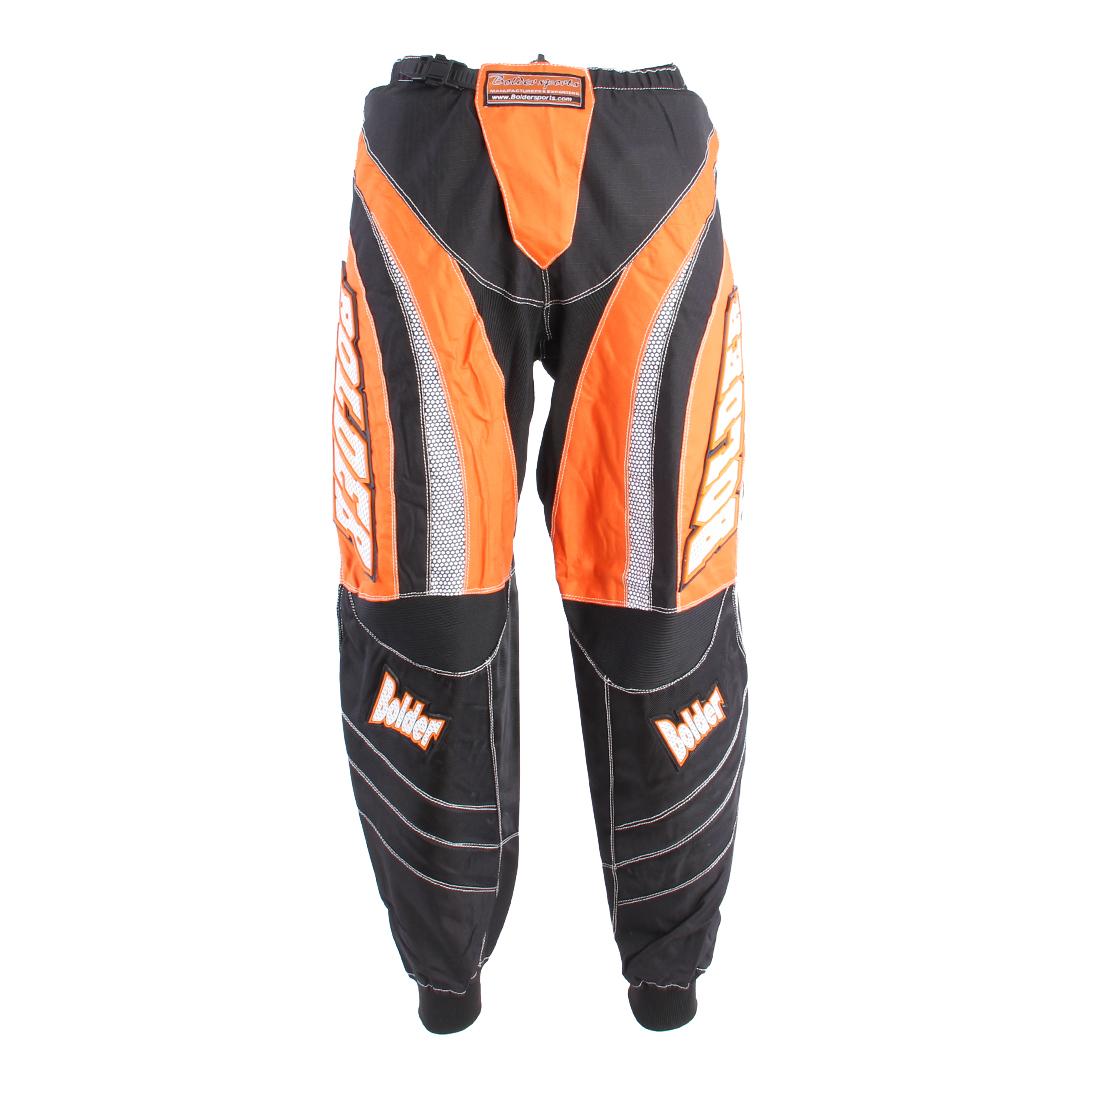 Kalhoty Motocross Kids - Velikost: 24